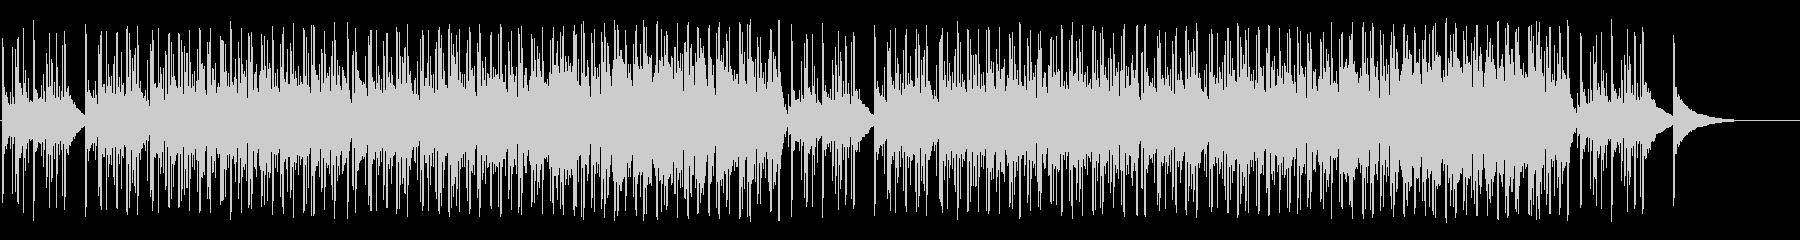 軽快なフレンチ系ポップ/ボサノバの未再生の波形